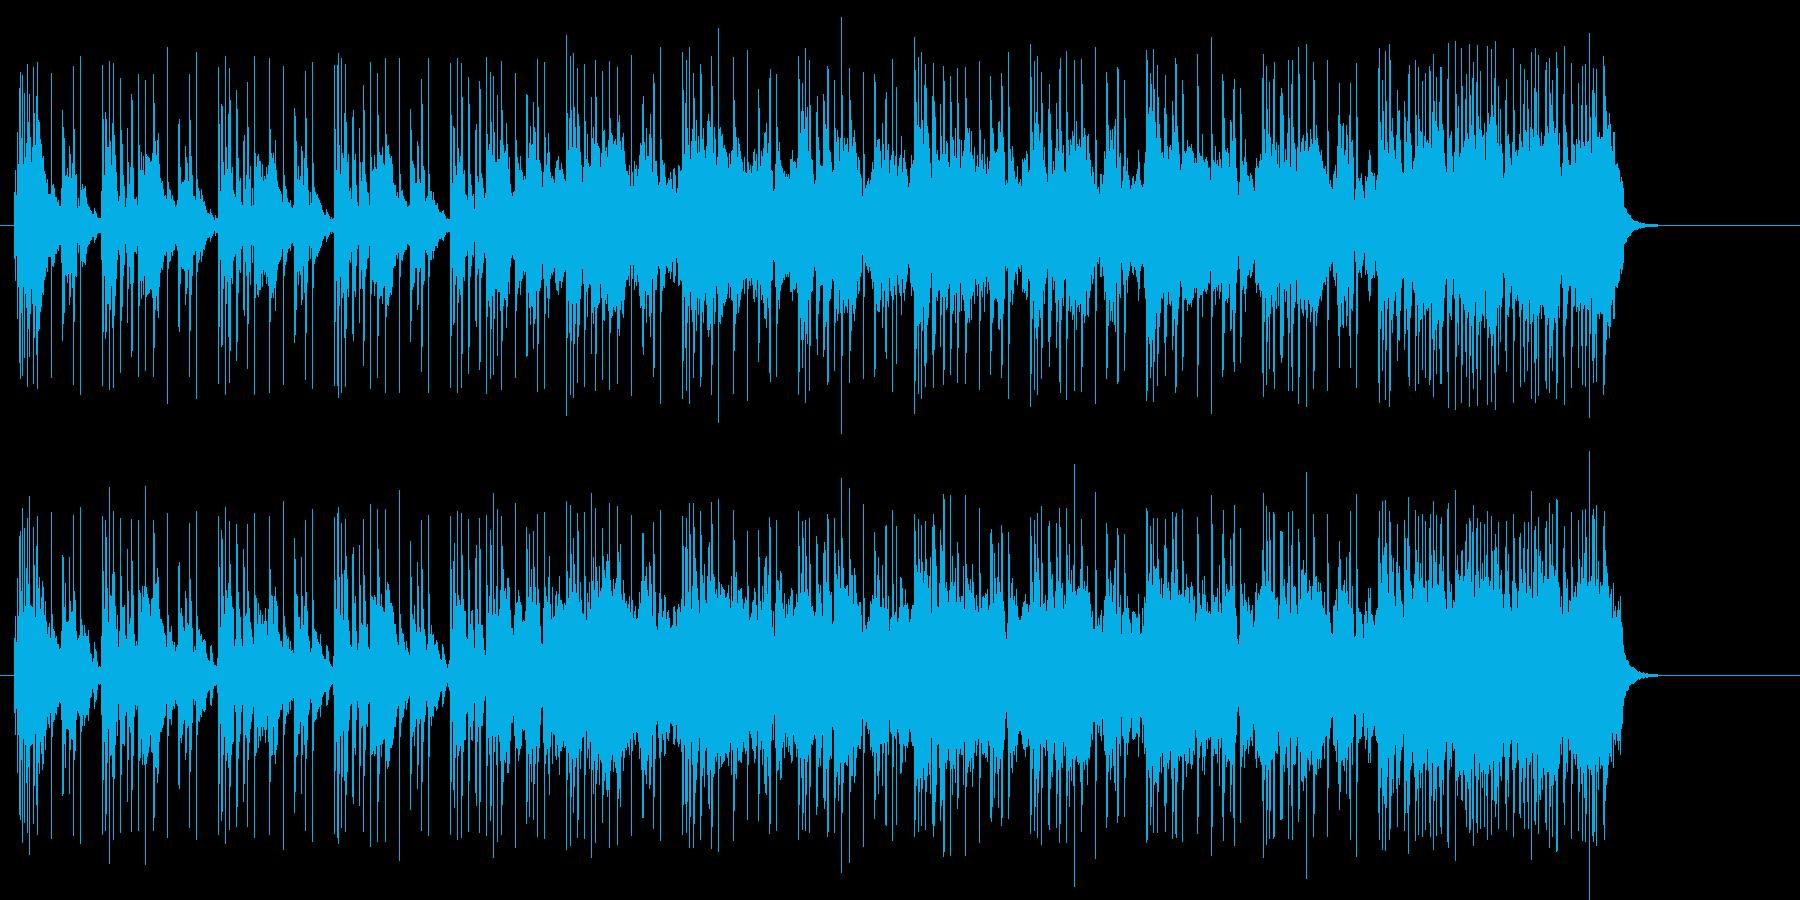 ブルーヴ感満点のファンキーロックサウンドの再生済みの波形